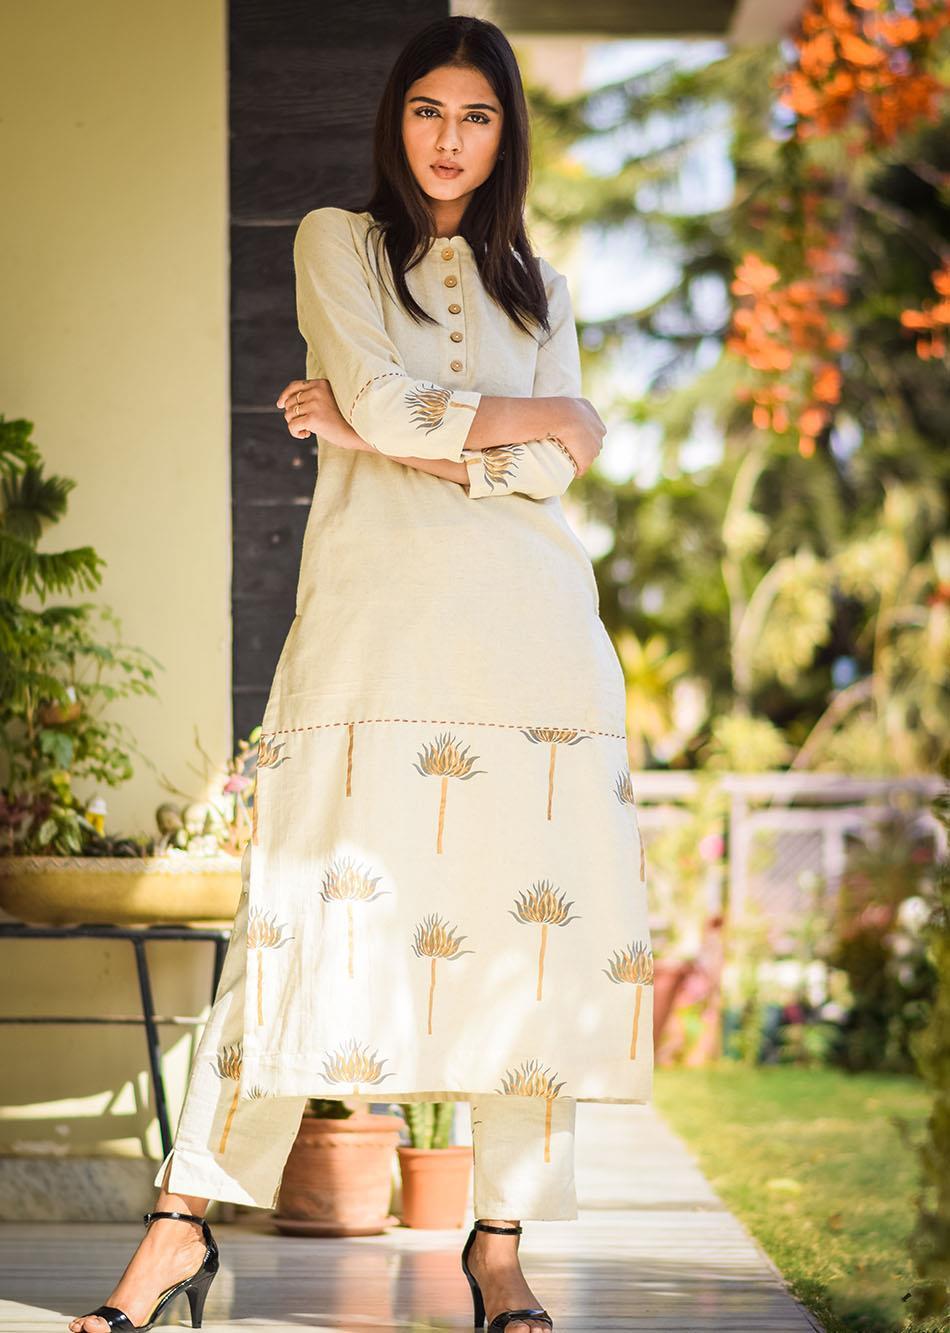 Exquisite wardrobe By Jovi Fashion